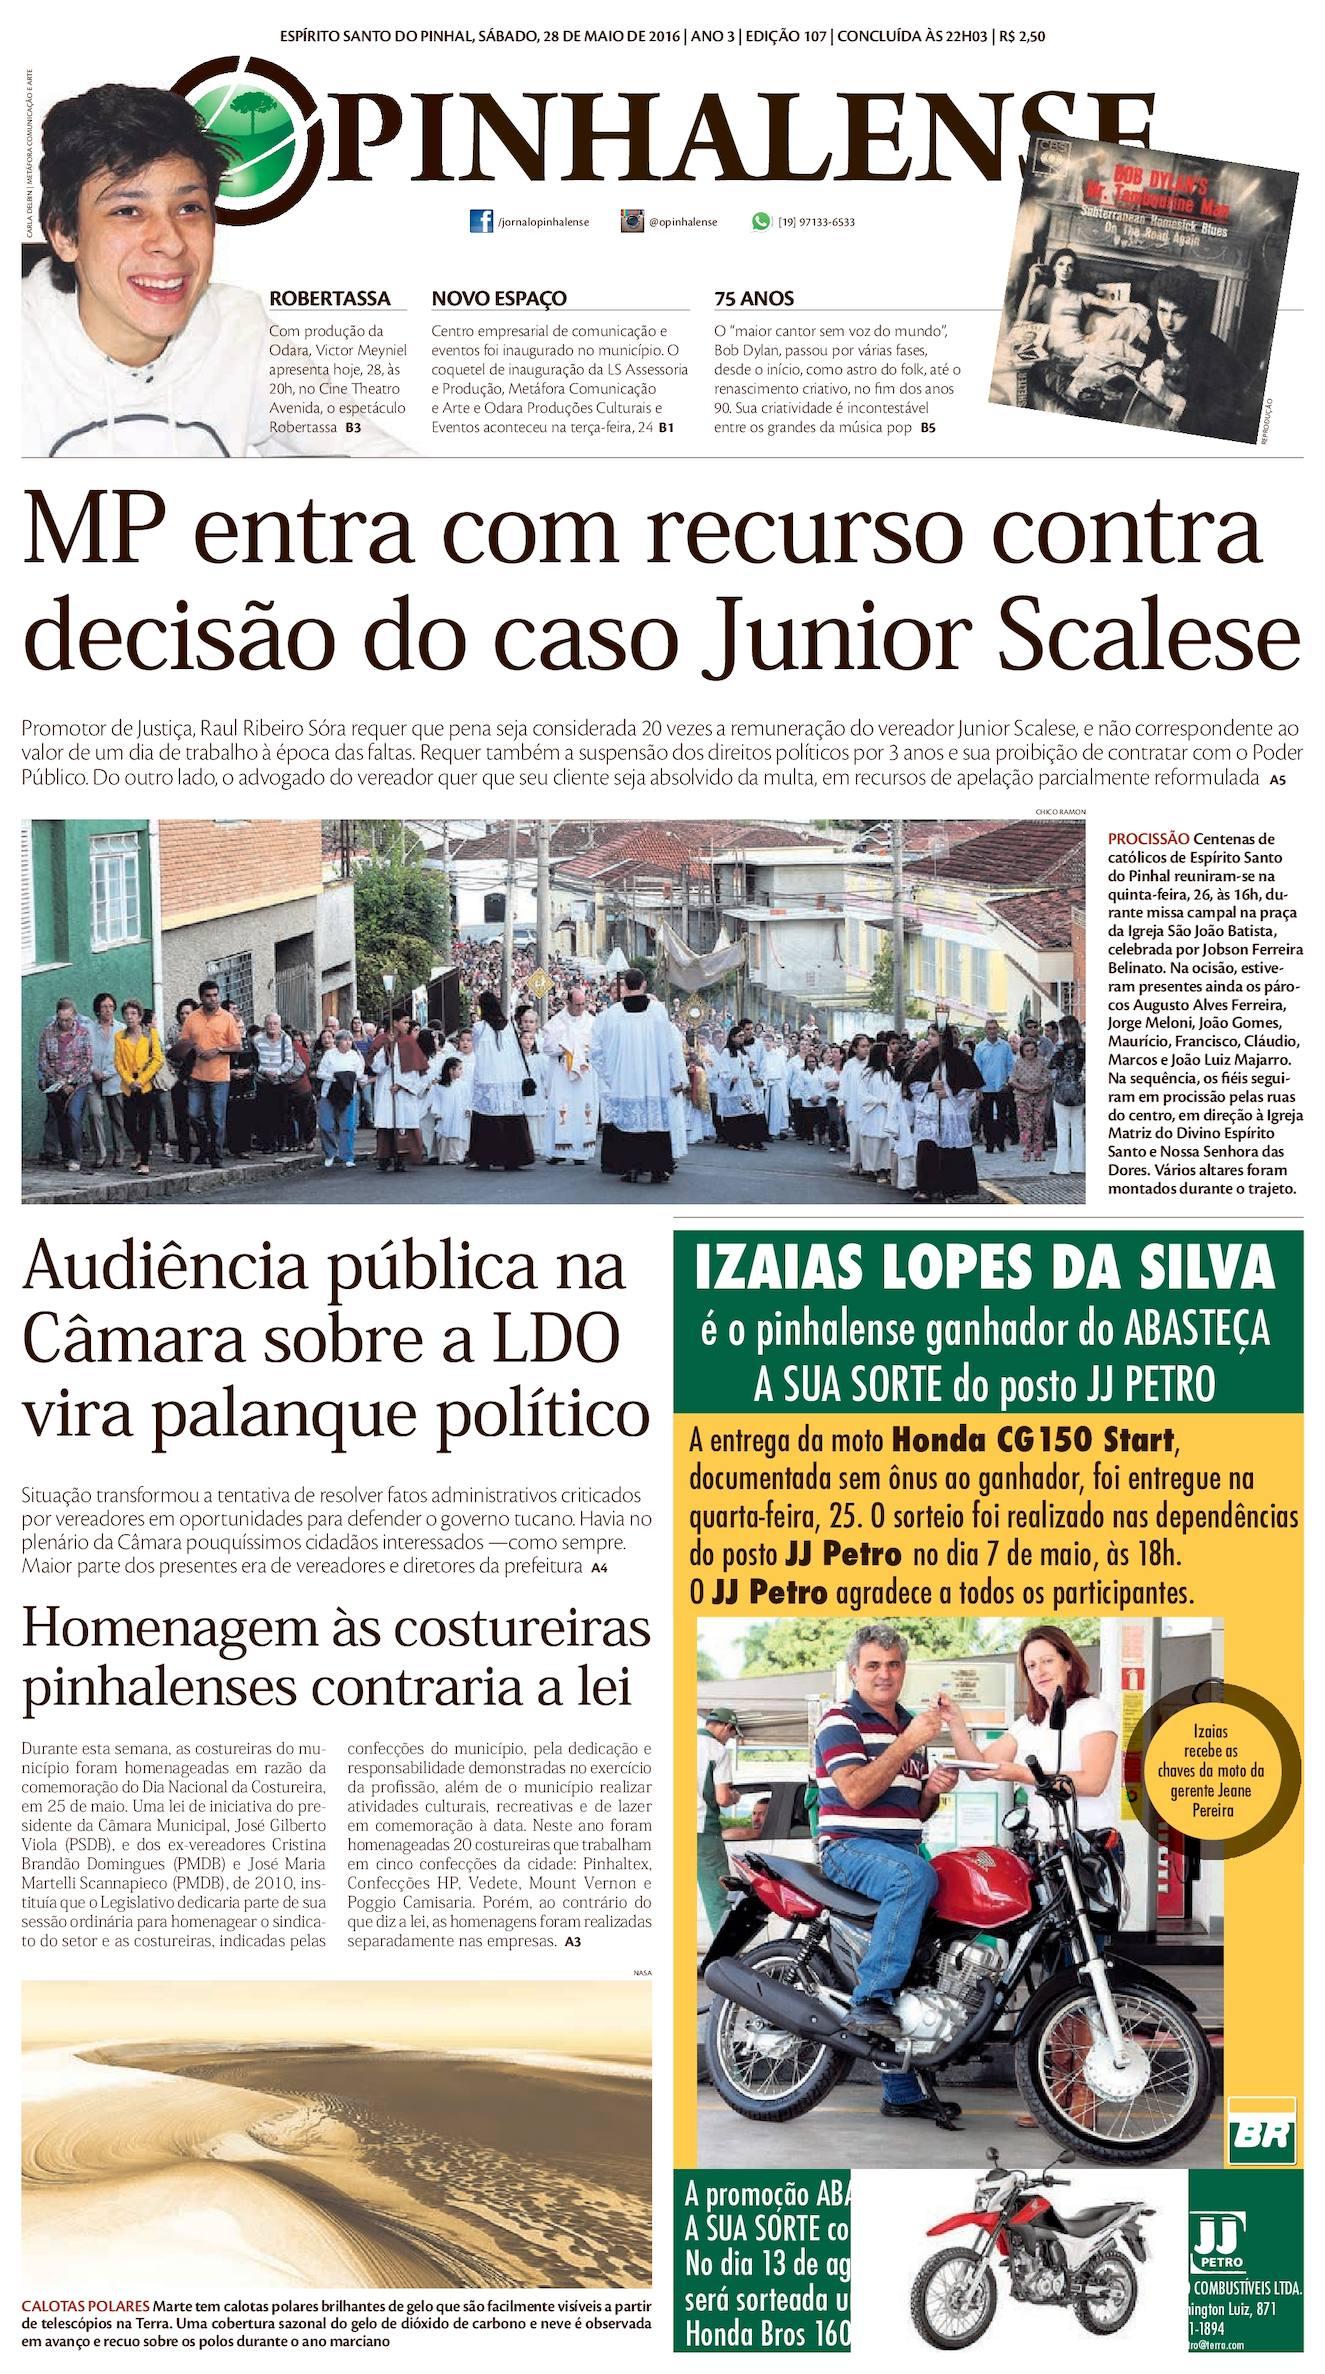 Calaméo - O Pinhalense   Edição 107   28 5 2016 f7d7fd04fe